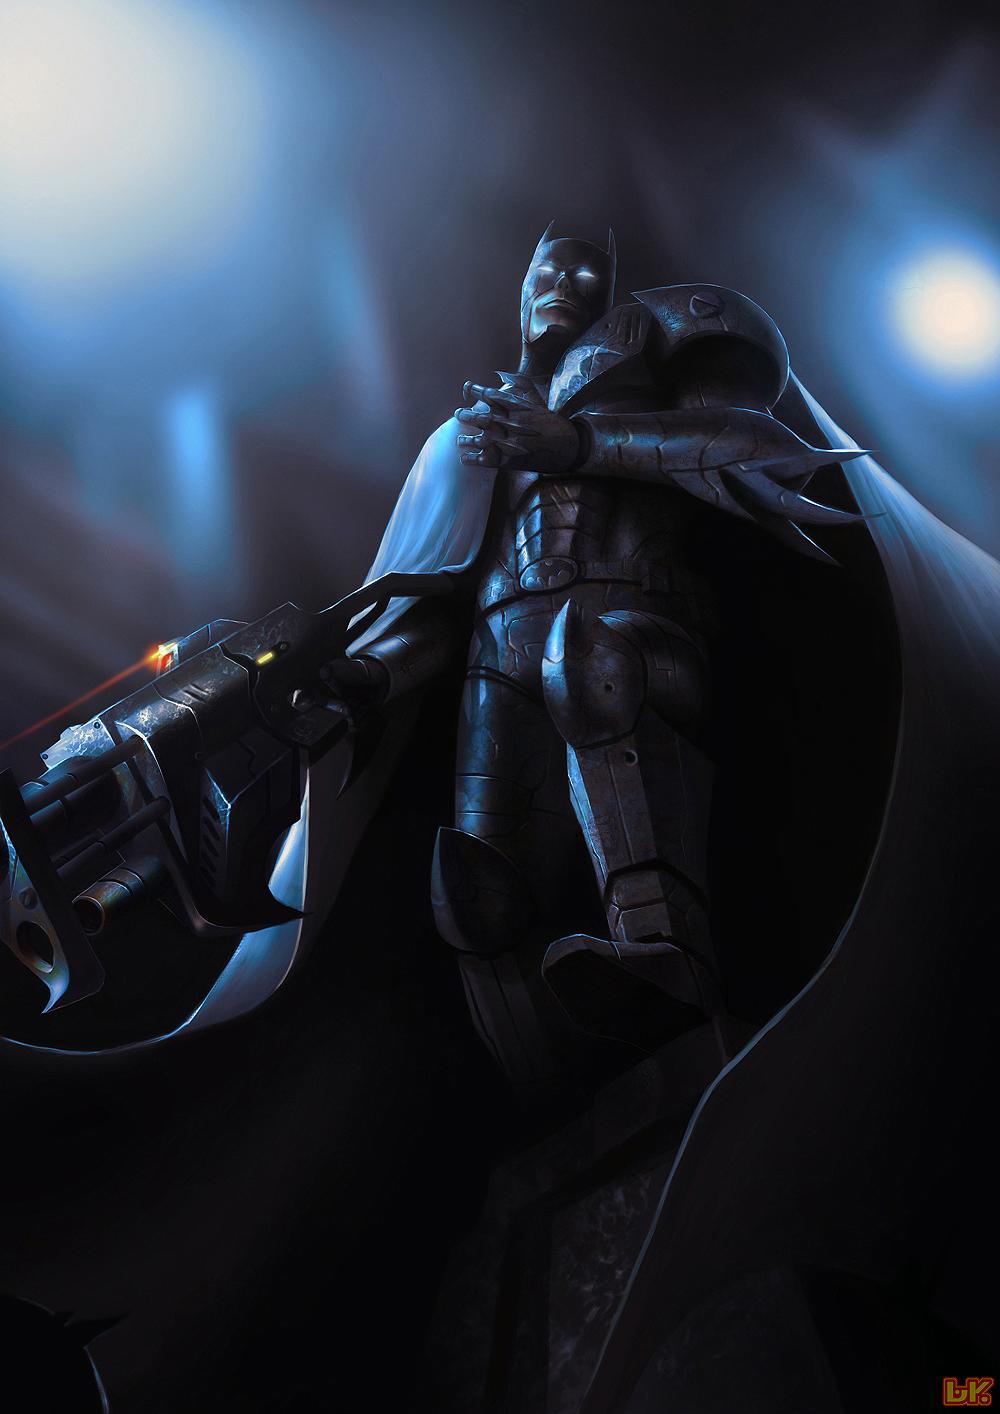 ARMORED BAT by BAKART